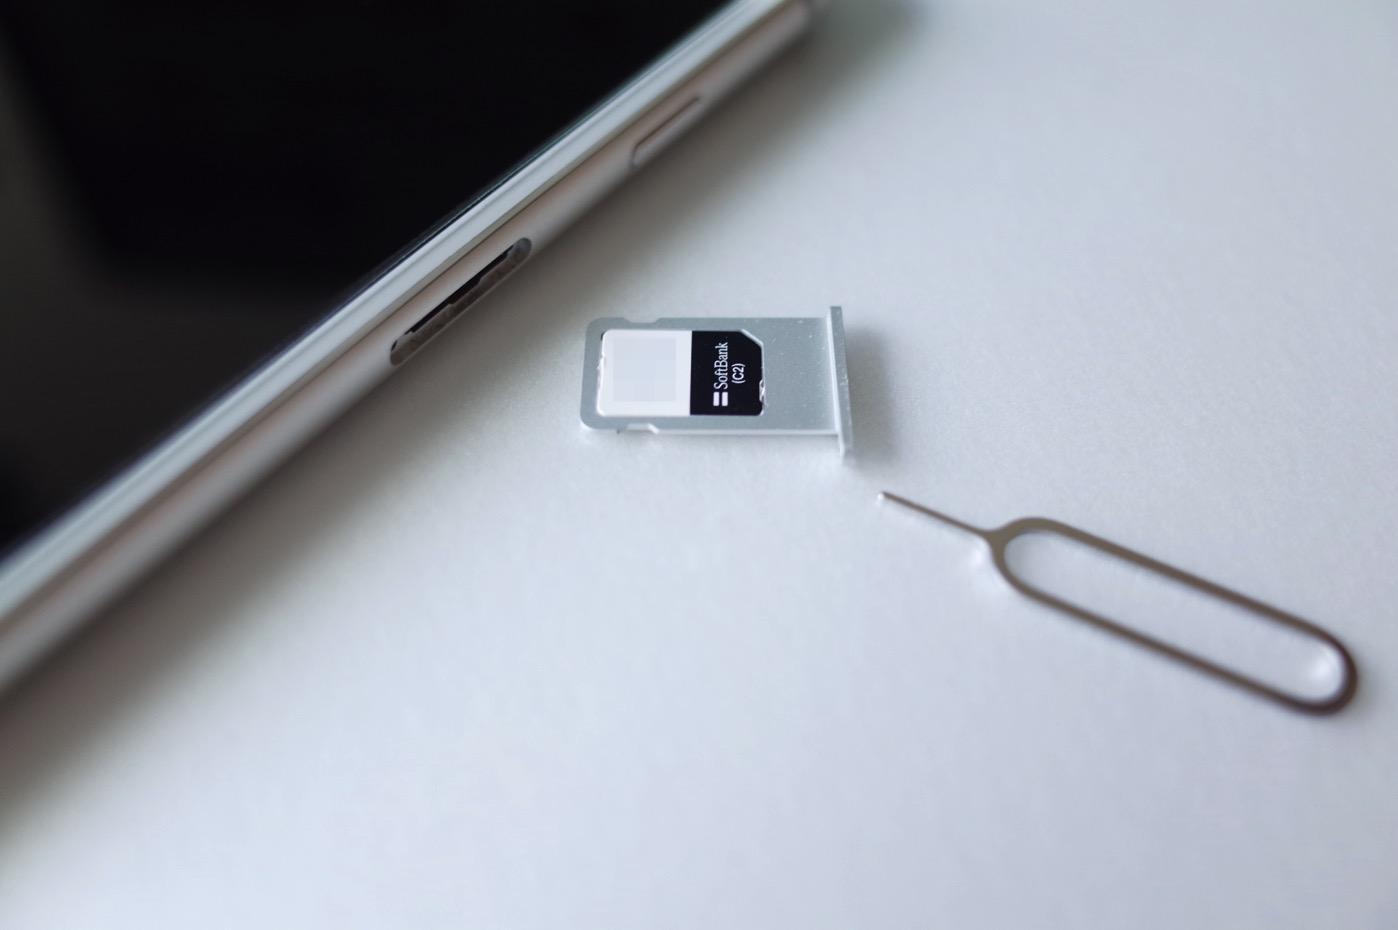 iPhone 7 ジェットブラック 256GB-5